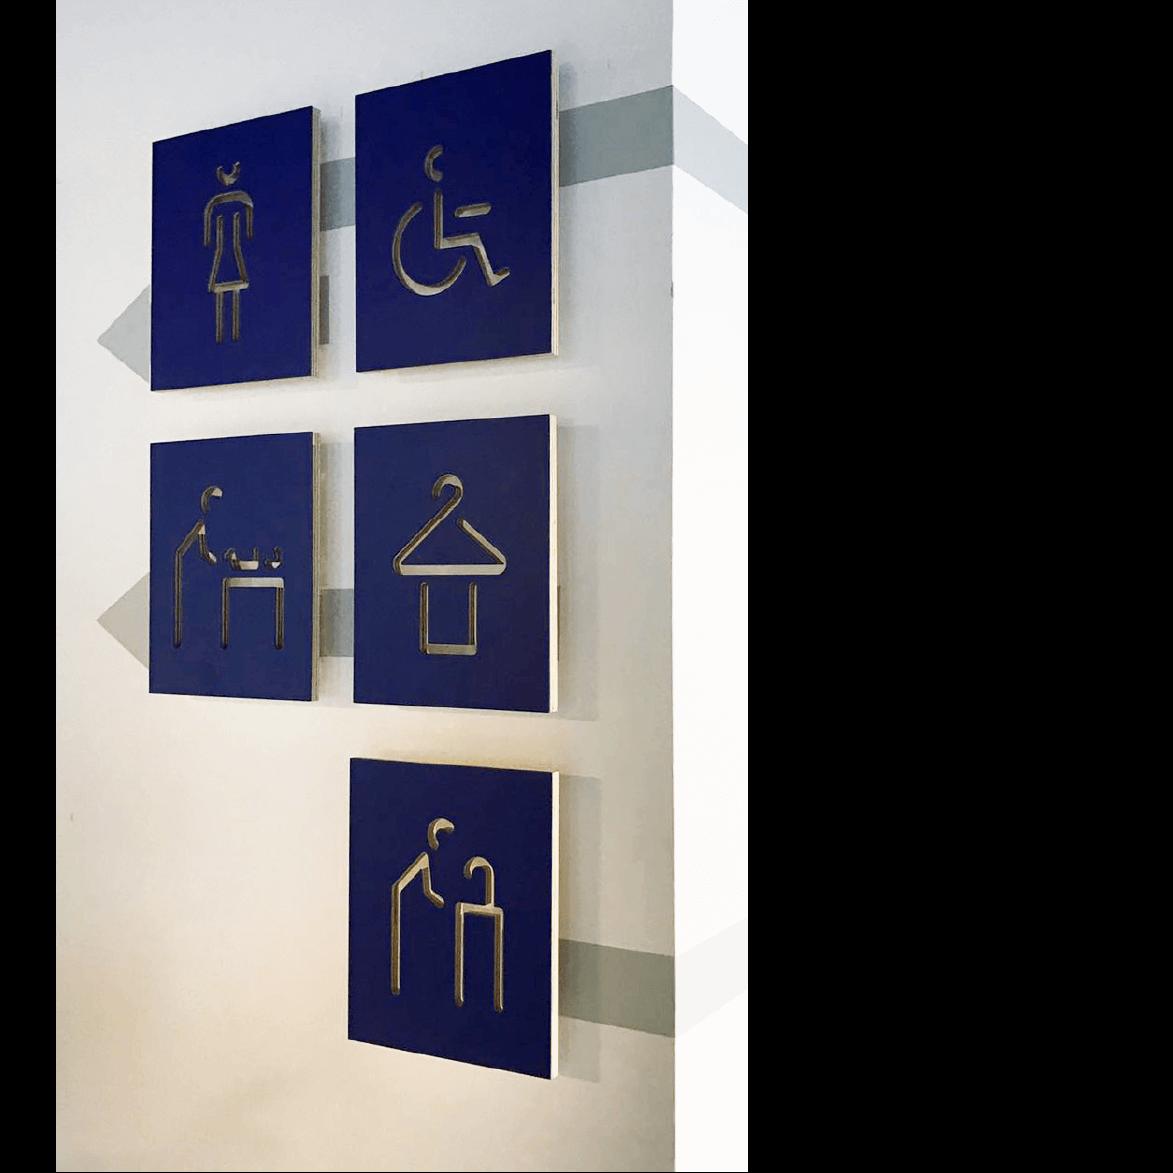 signage system design for dov hozoren lasry tamar bar dayan